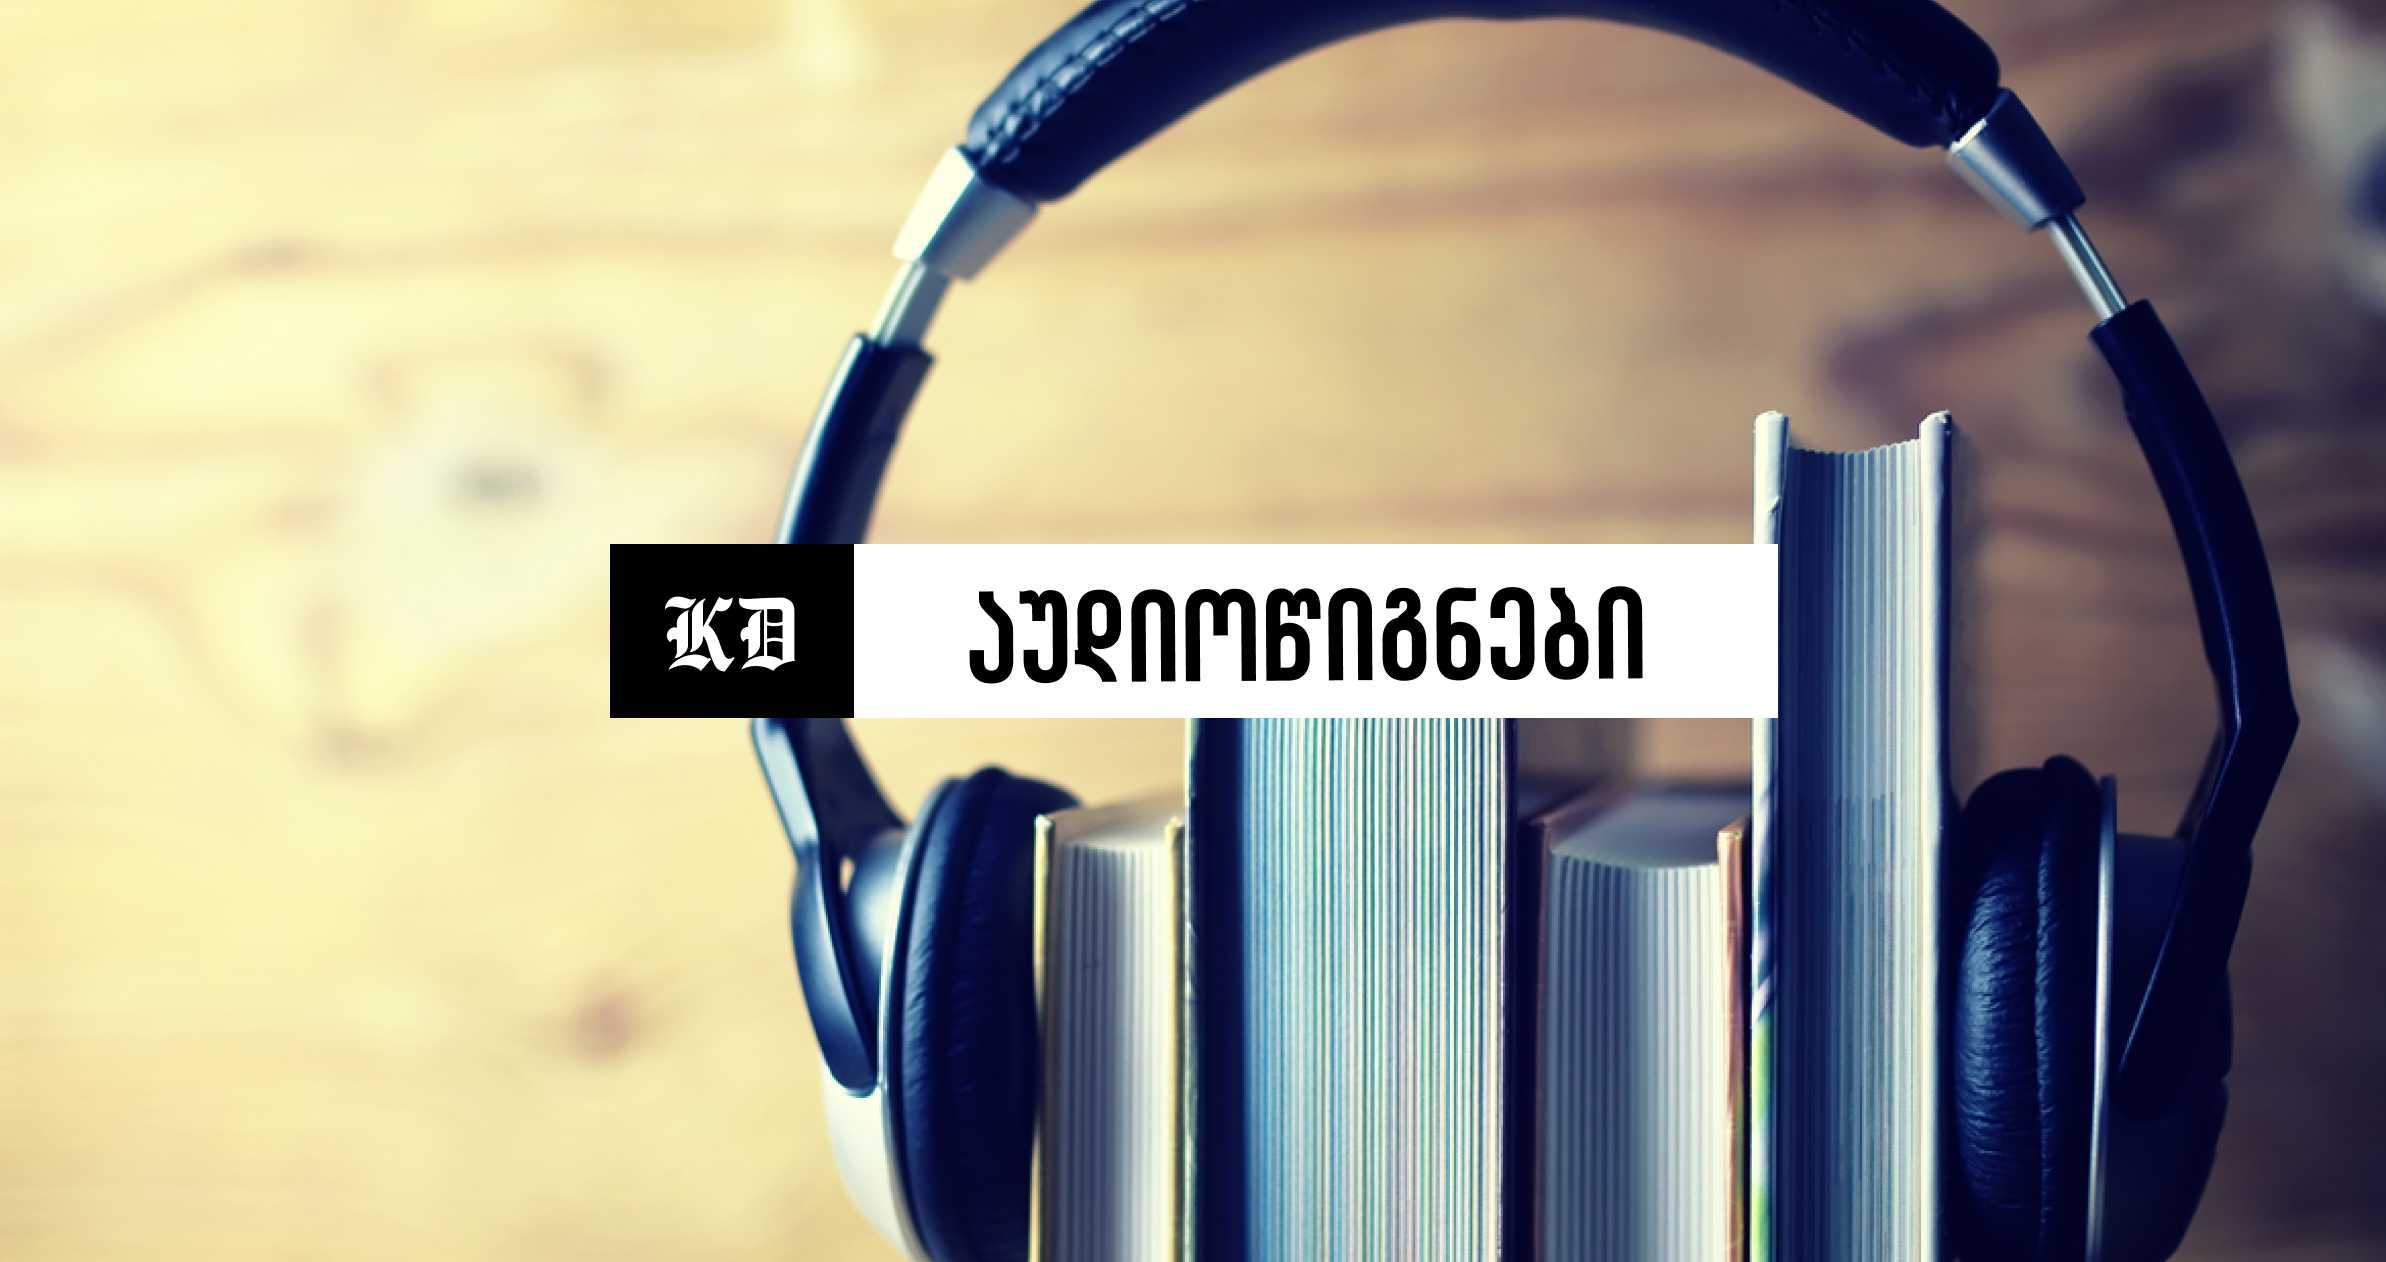 5 უფასო აუდიოწიგნი თვითიზოლაციაში მოსასმენად